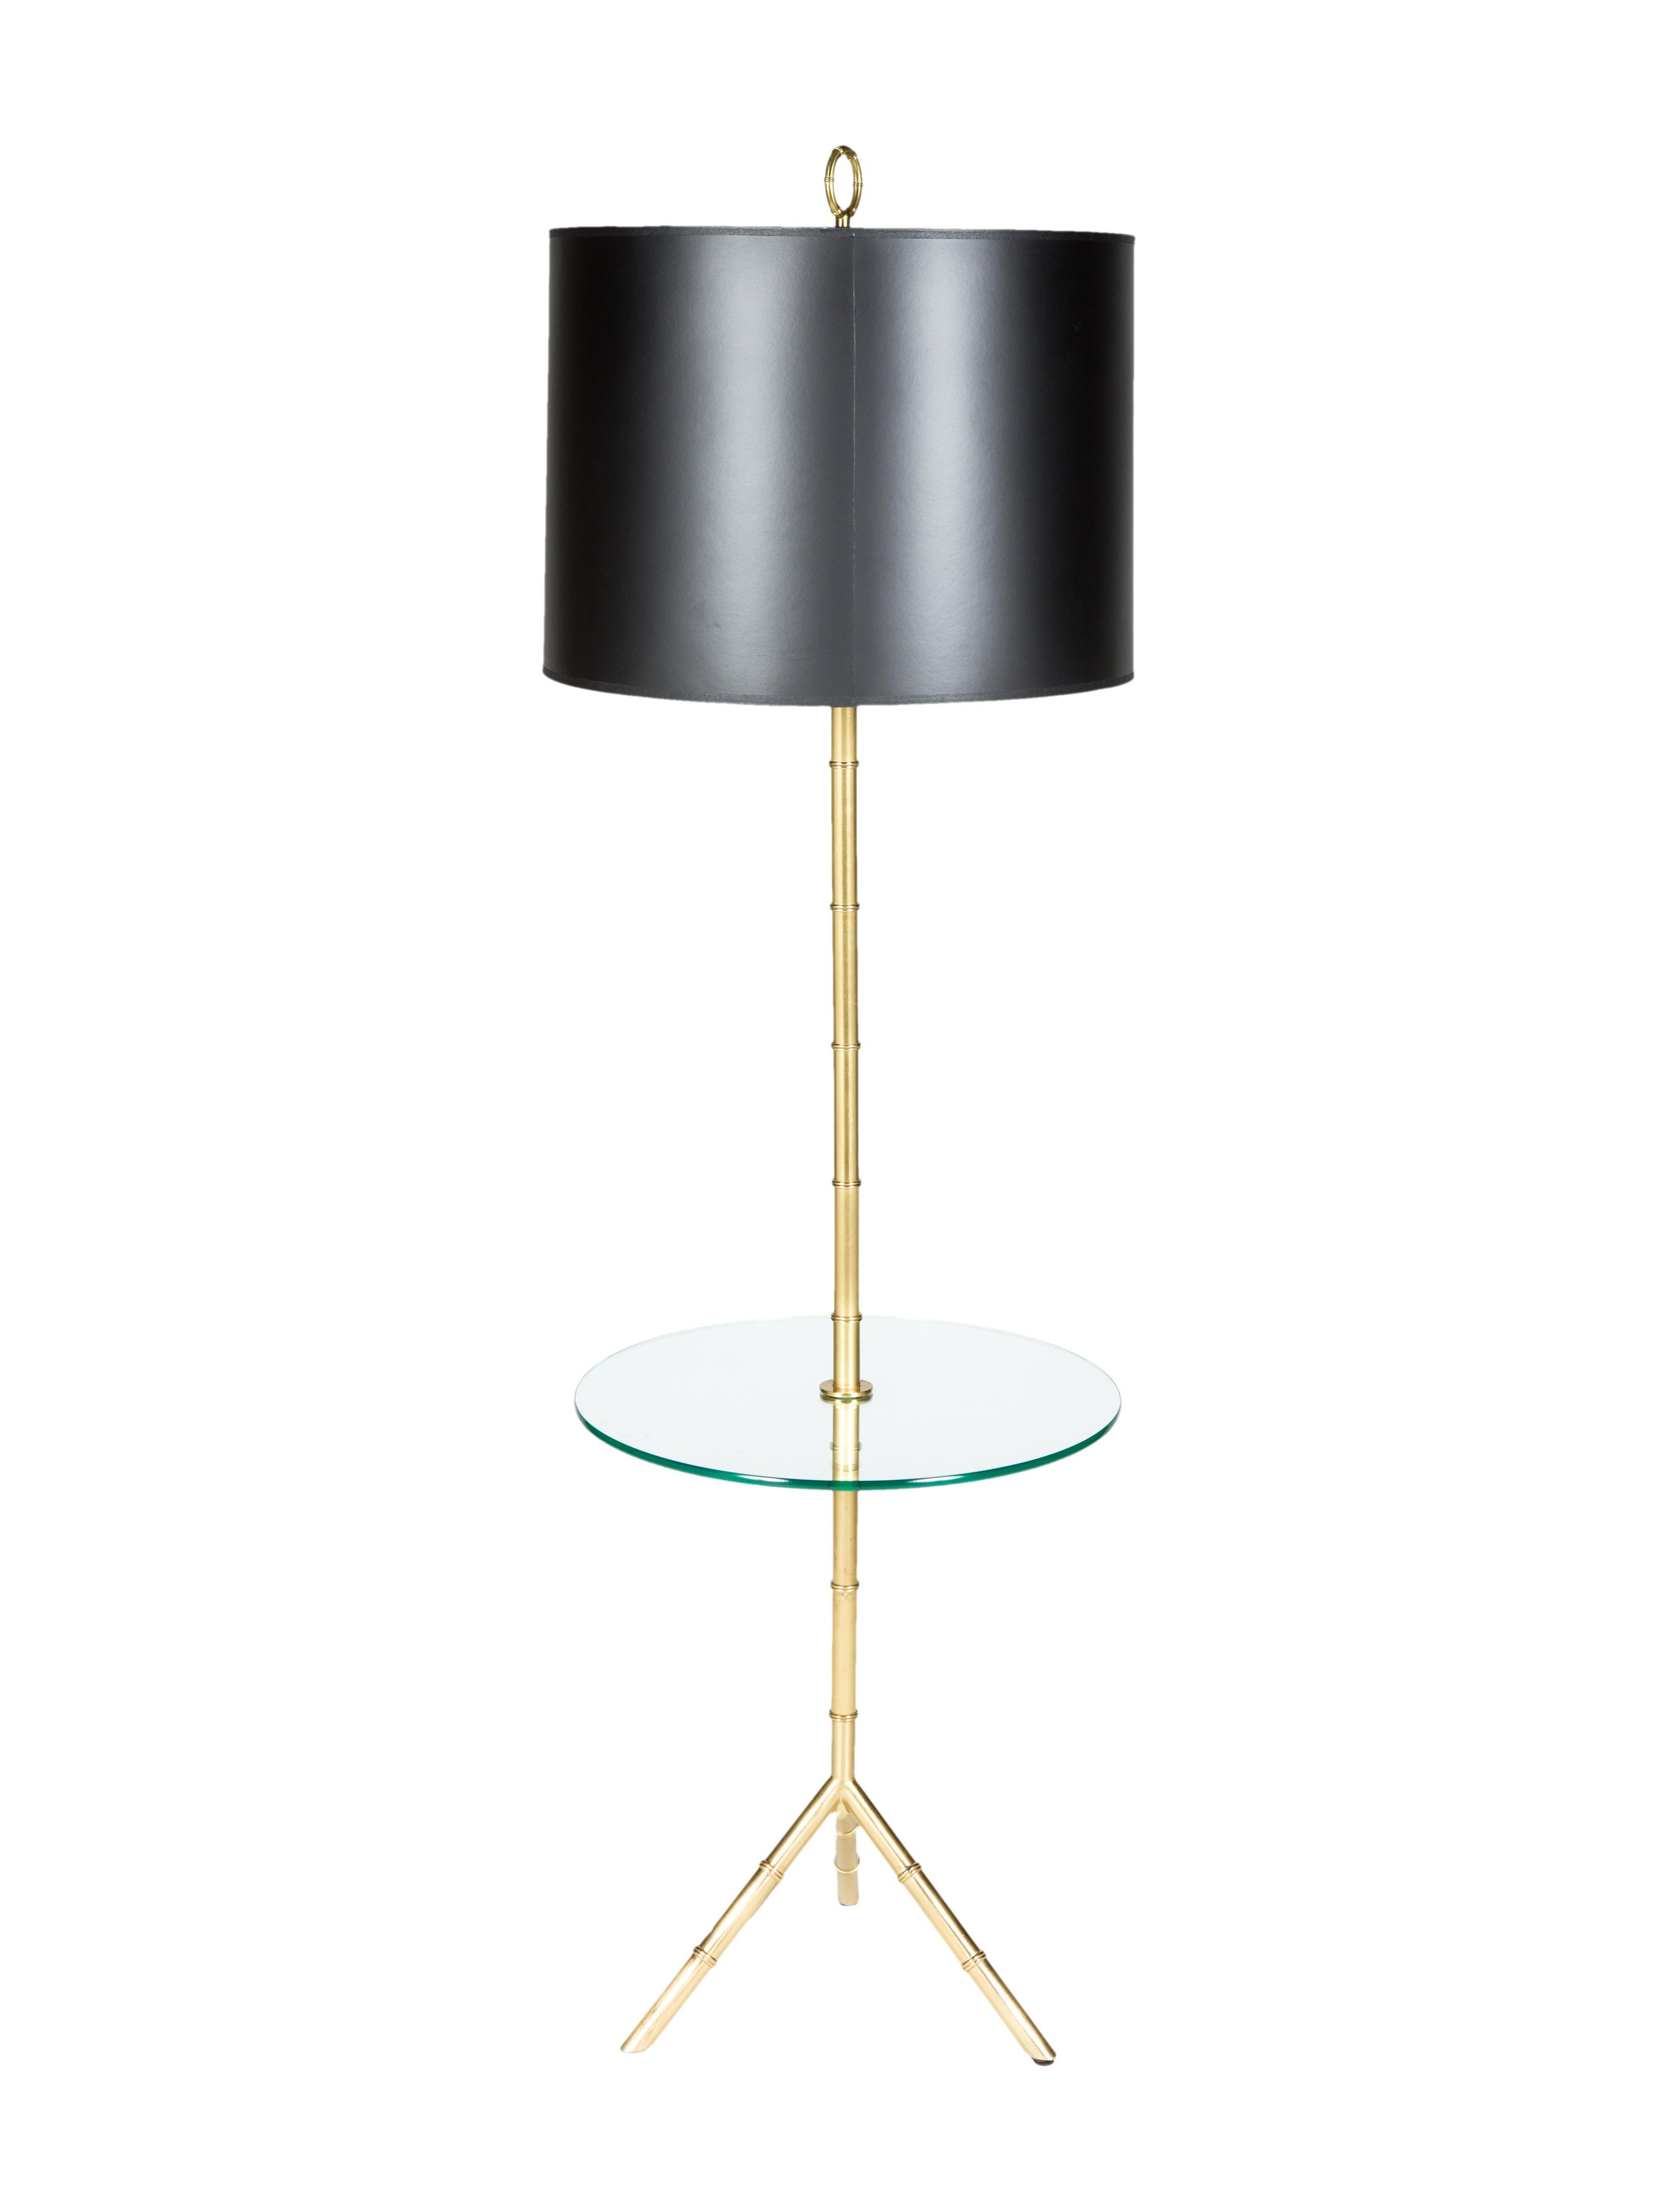 Jonathan Adler Robert Abbey Meurice Floor Lamp - Lighting ...